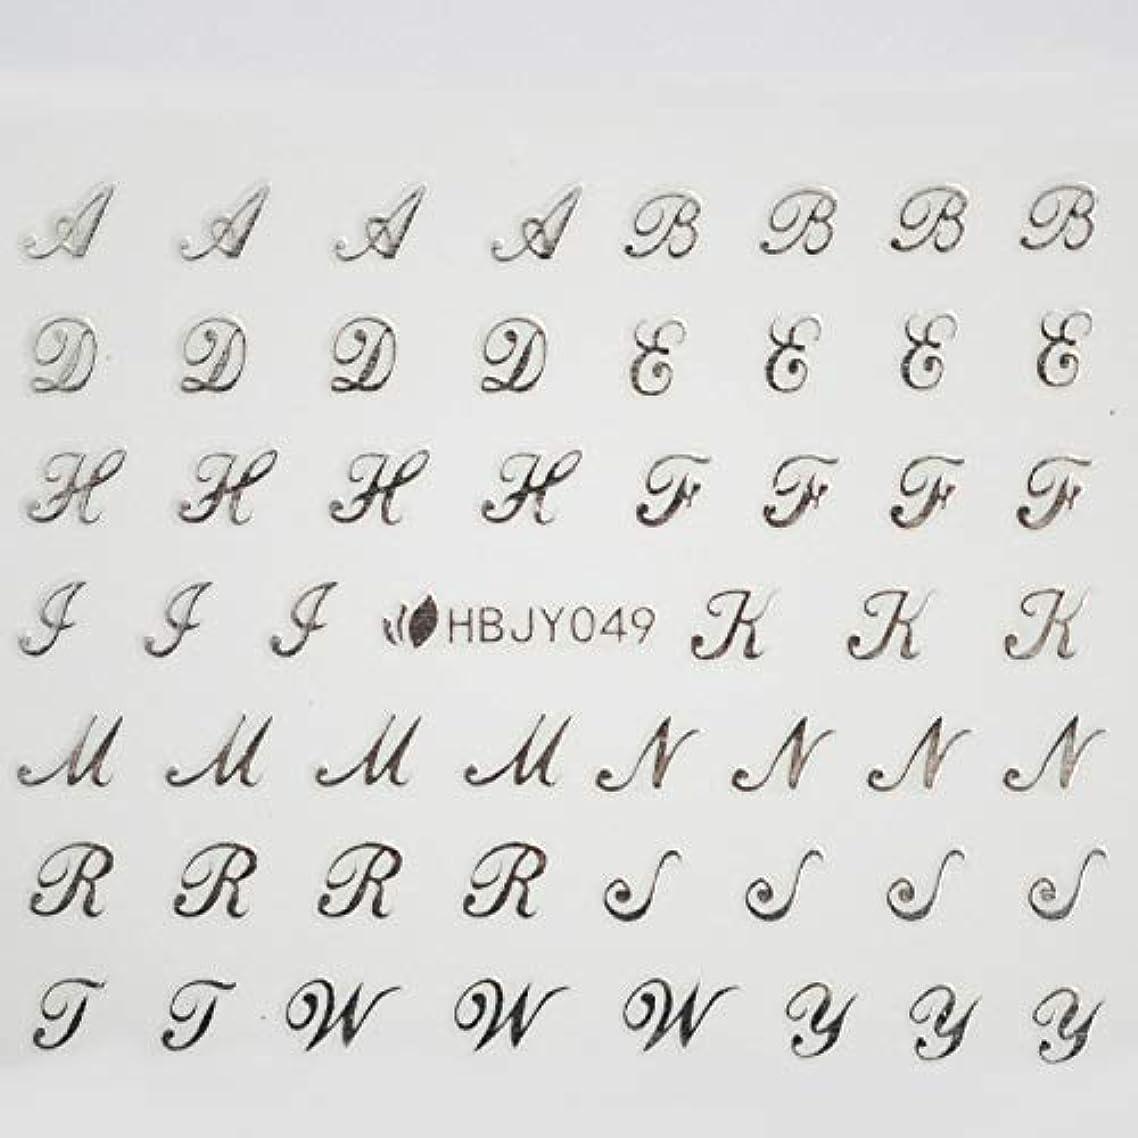 特異な世界記録のギネスブックゲージアルファベットやメッセージ柄のネイルシール (筆記体 シルバー)